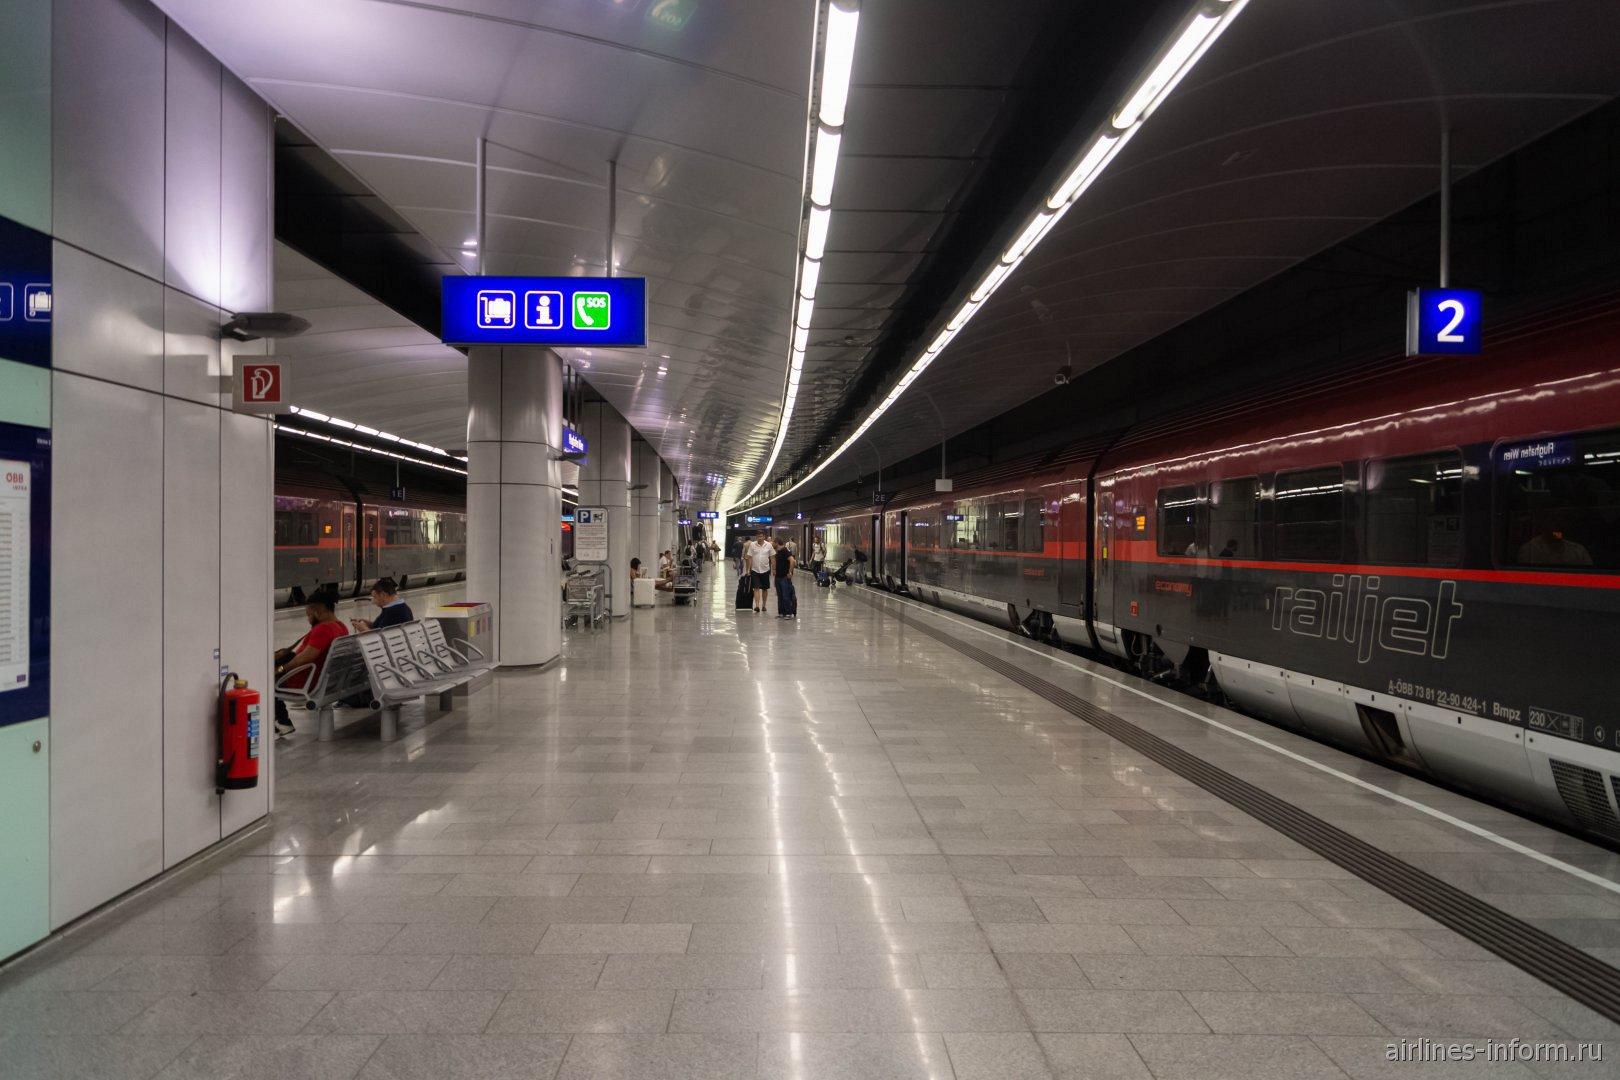 Железнодорожная станция и поезд Railjet в аэропорту Вены